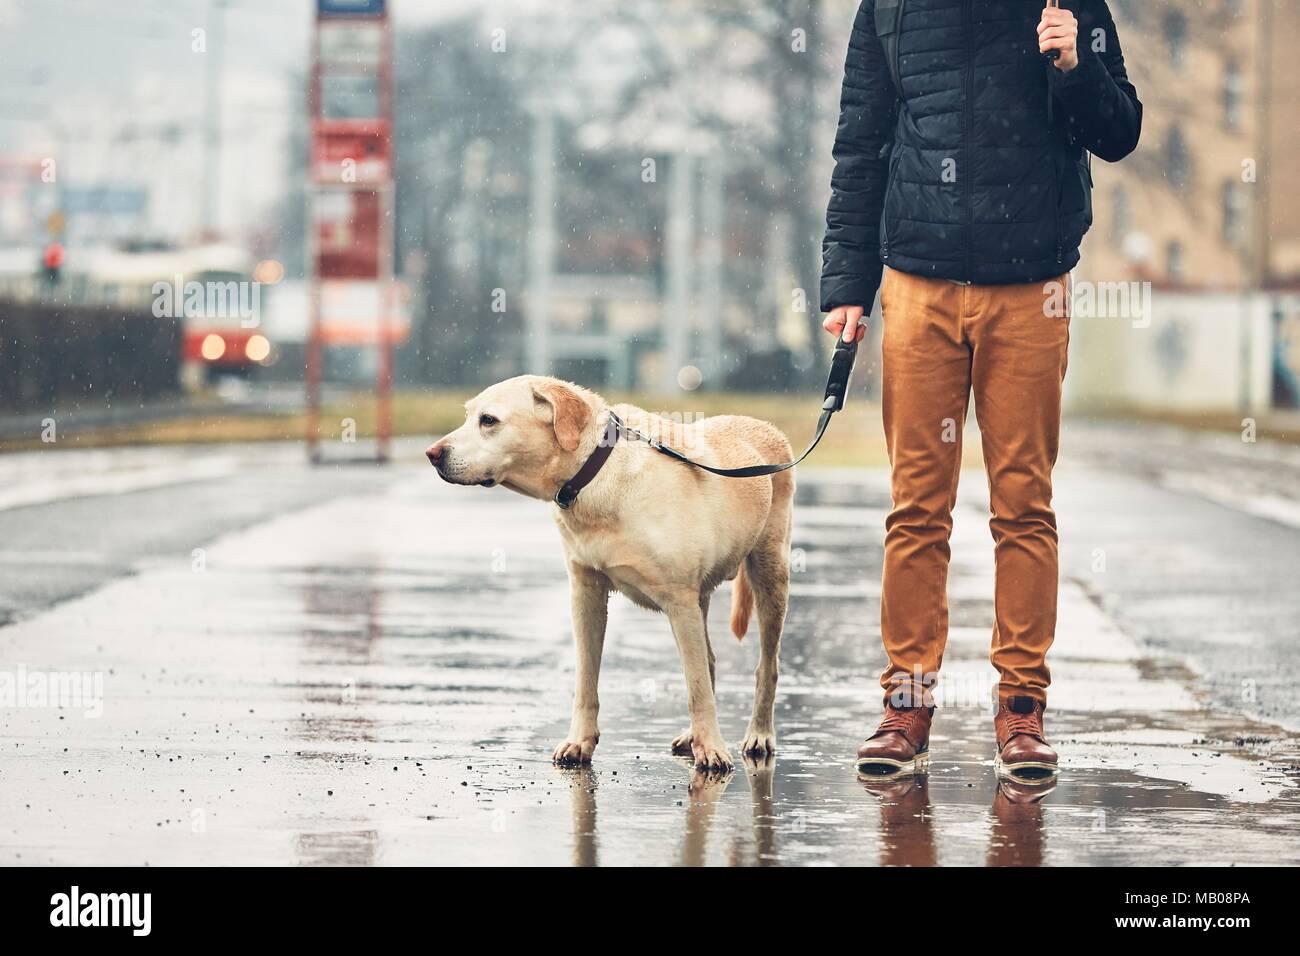 Météo sombre dans la ville. L'homme avec son chien (labrador retriever) marcher dans la pluie dans la rue. Prague, République tchèque. Photo Stock